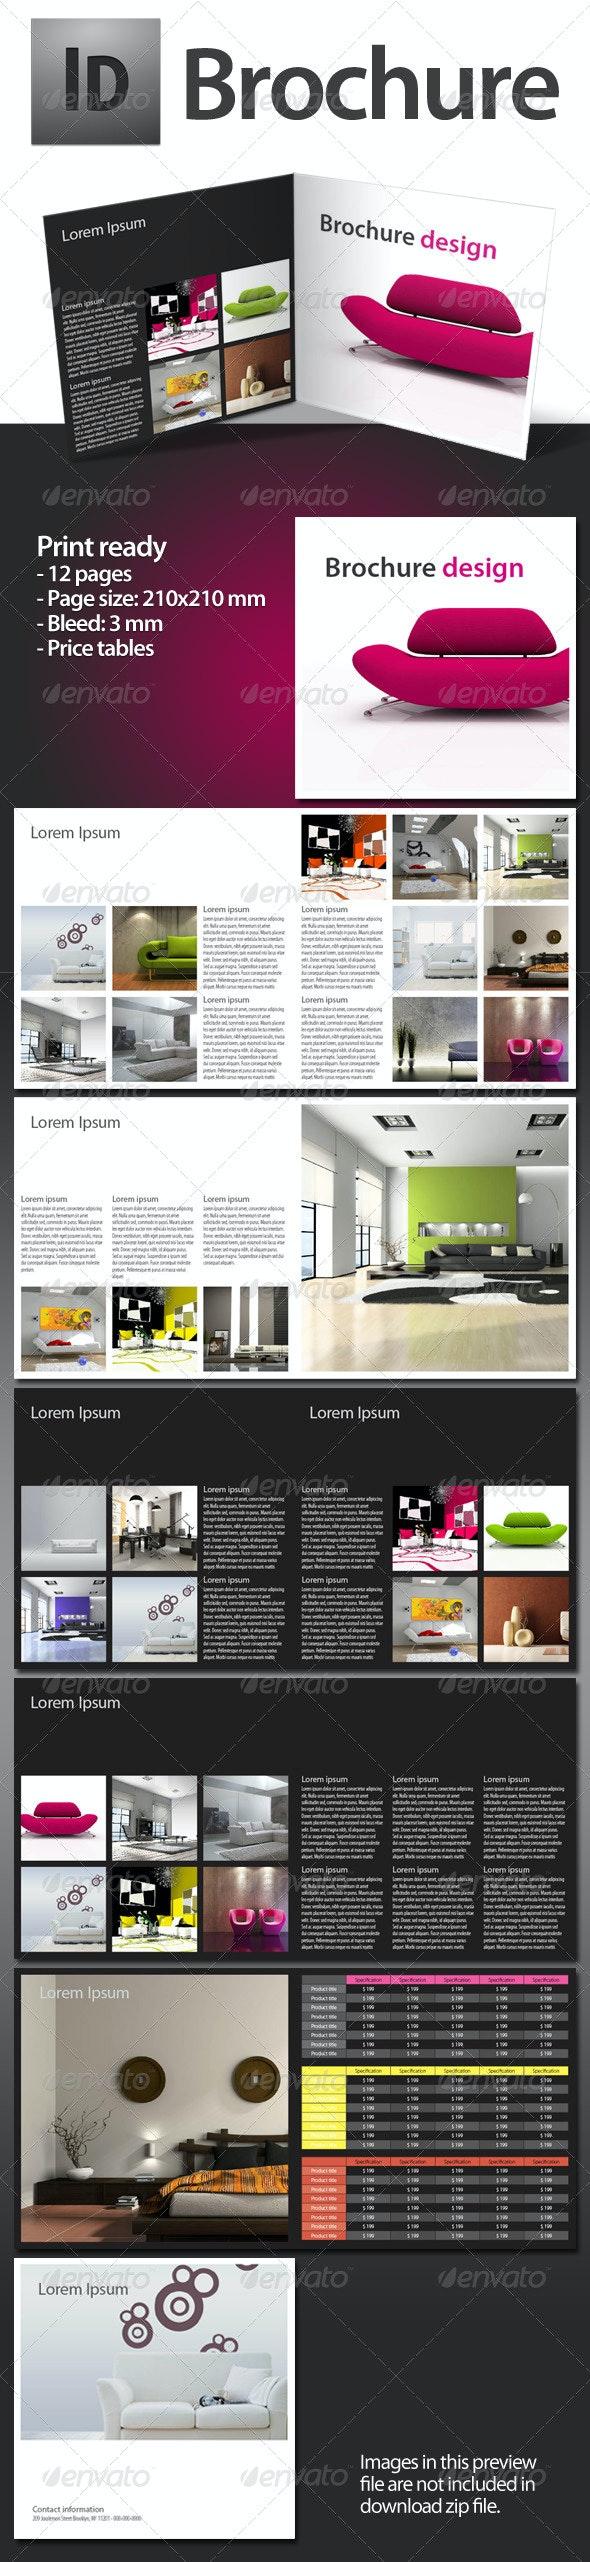 INDD Brochure 210x210mm - Corporate Brochures